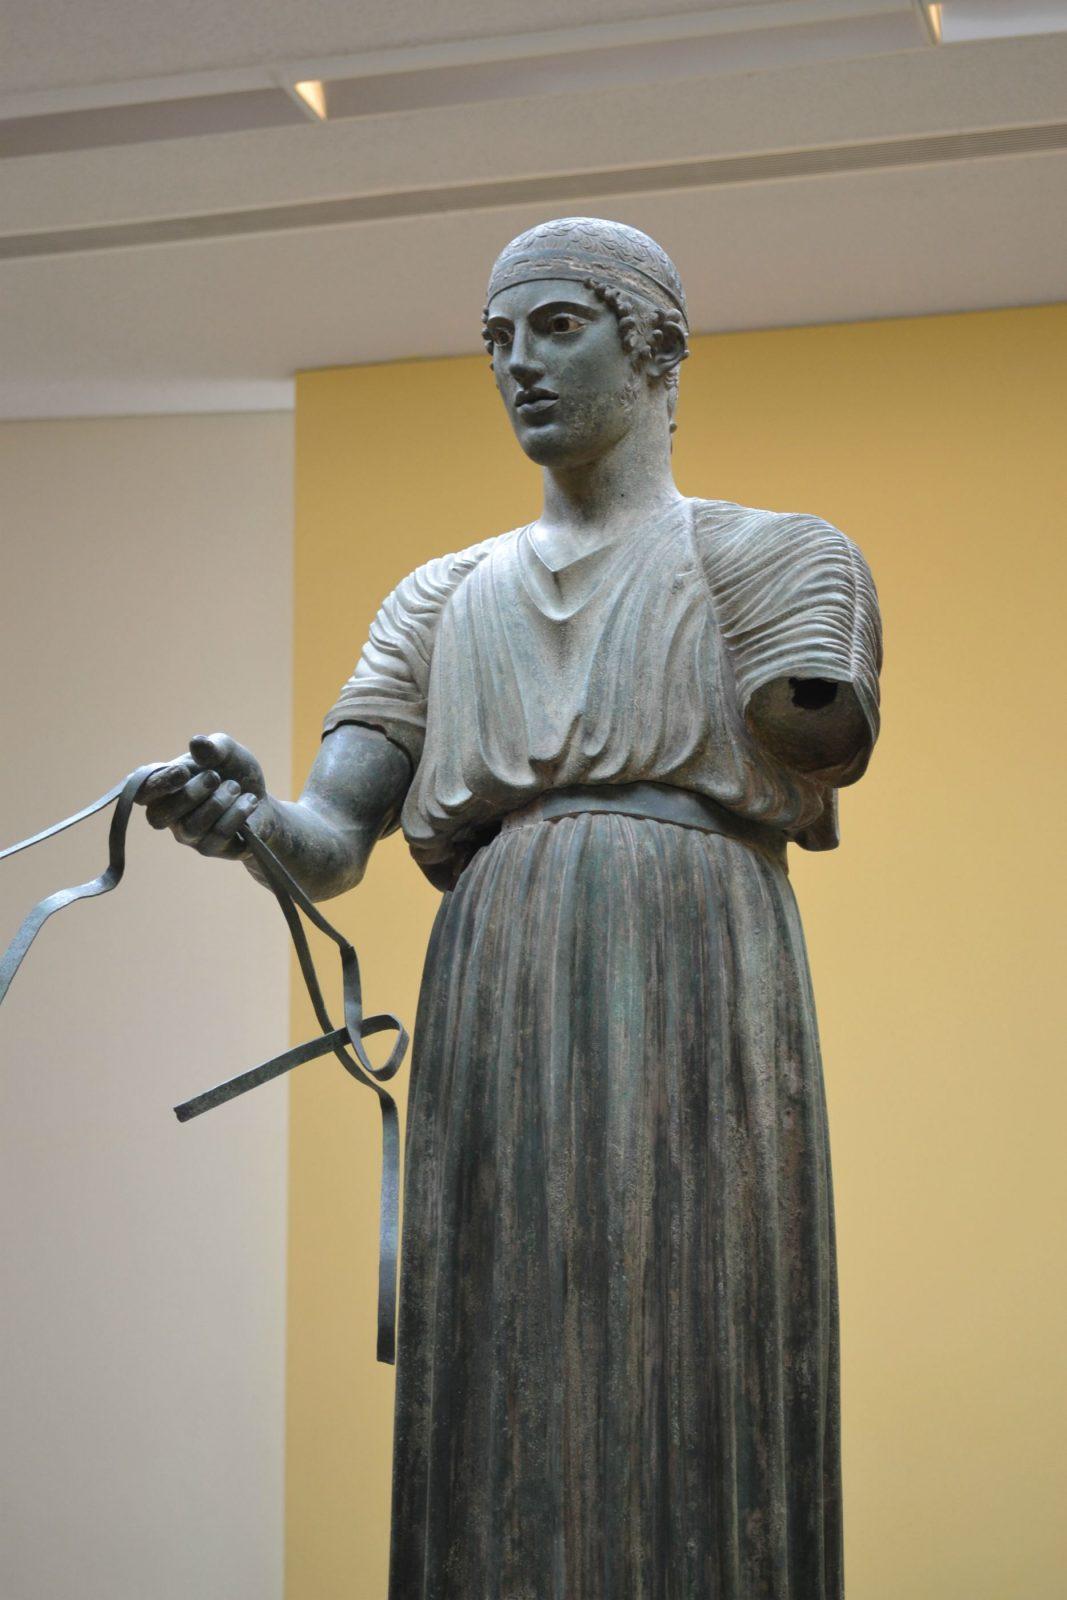 escultura de bronze o auriga no museu de delfos na grecia